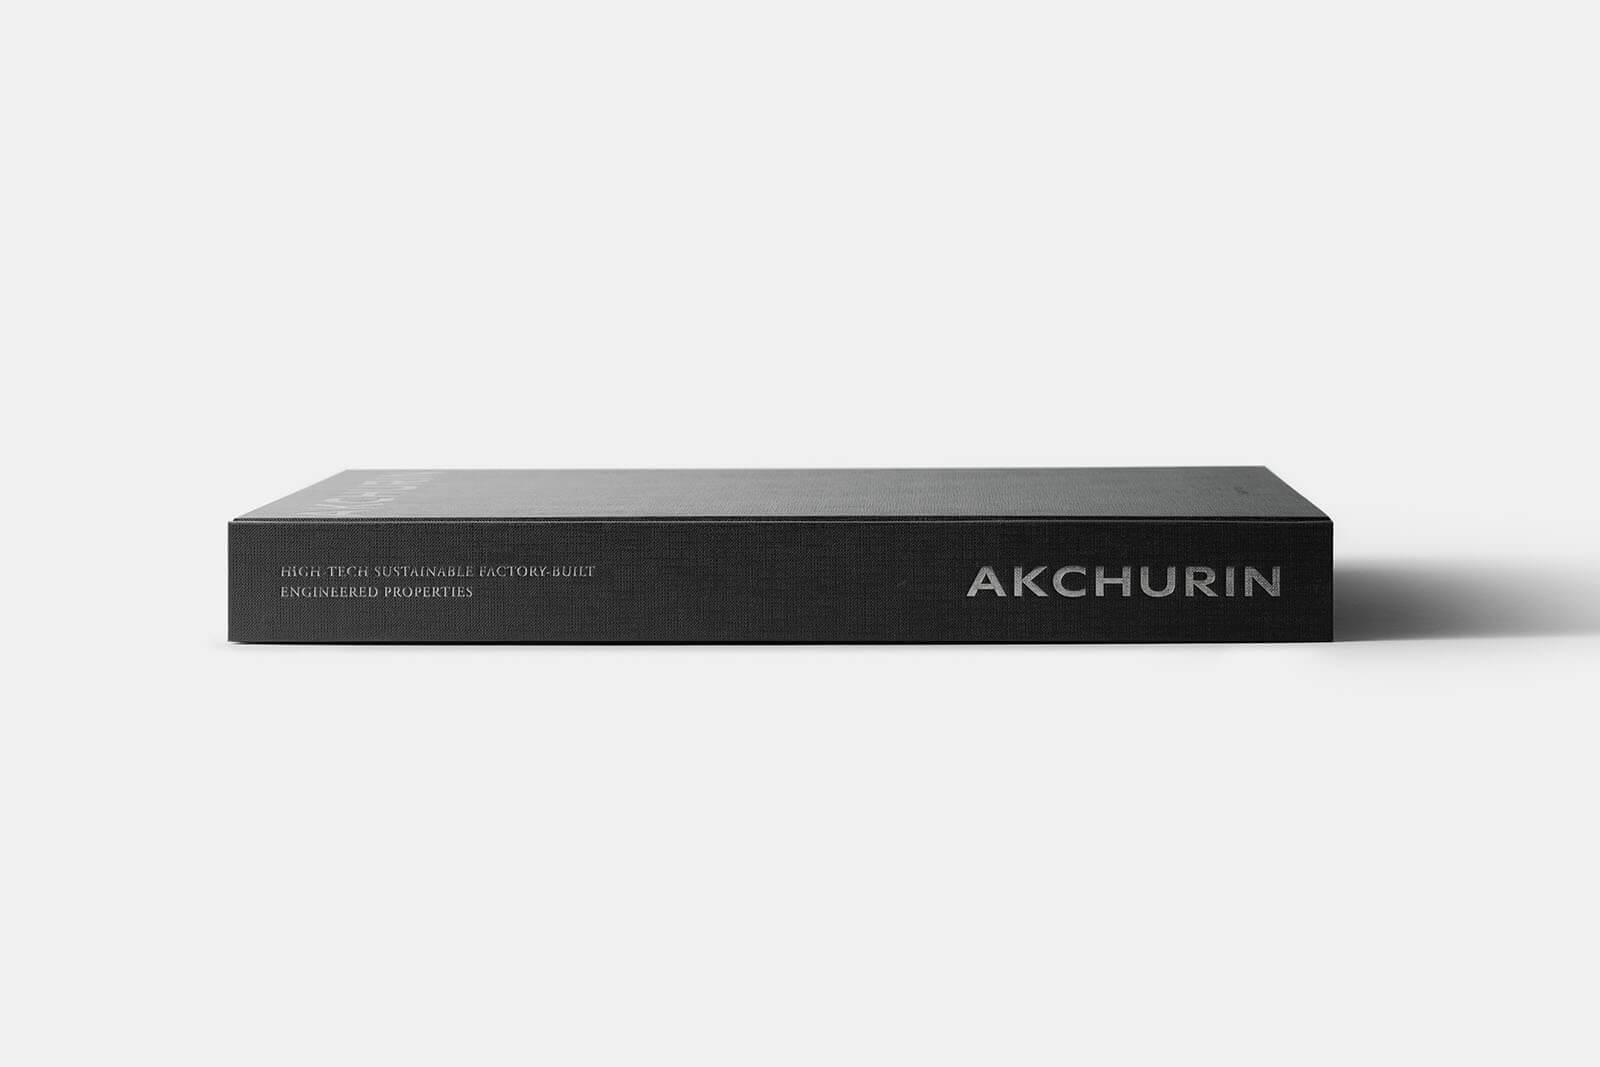 akchurin book 03